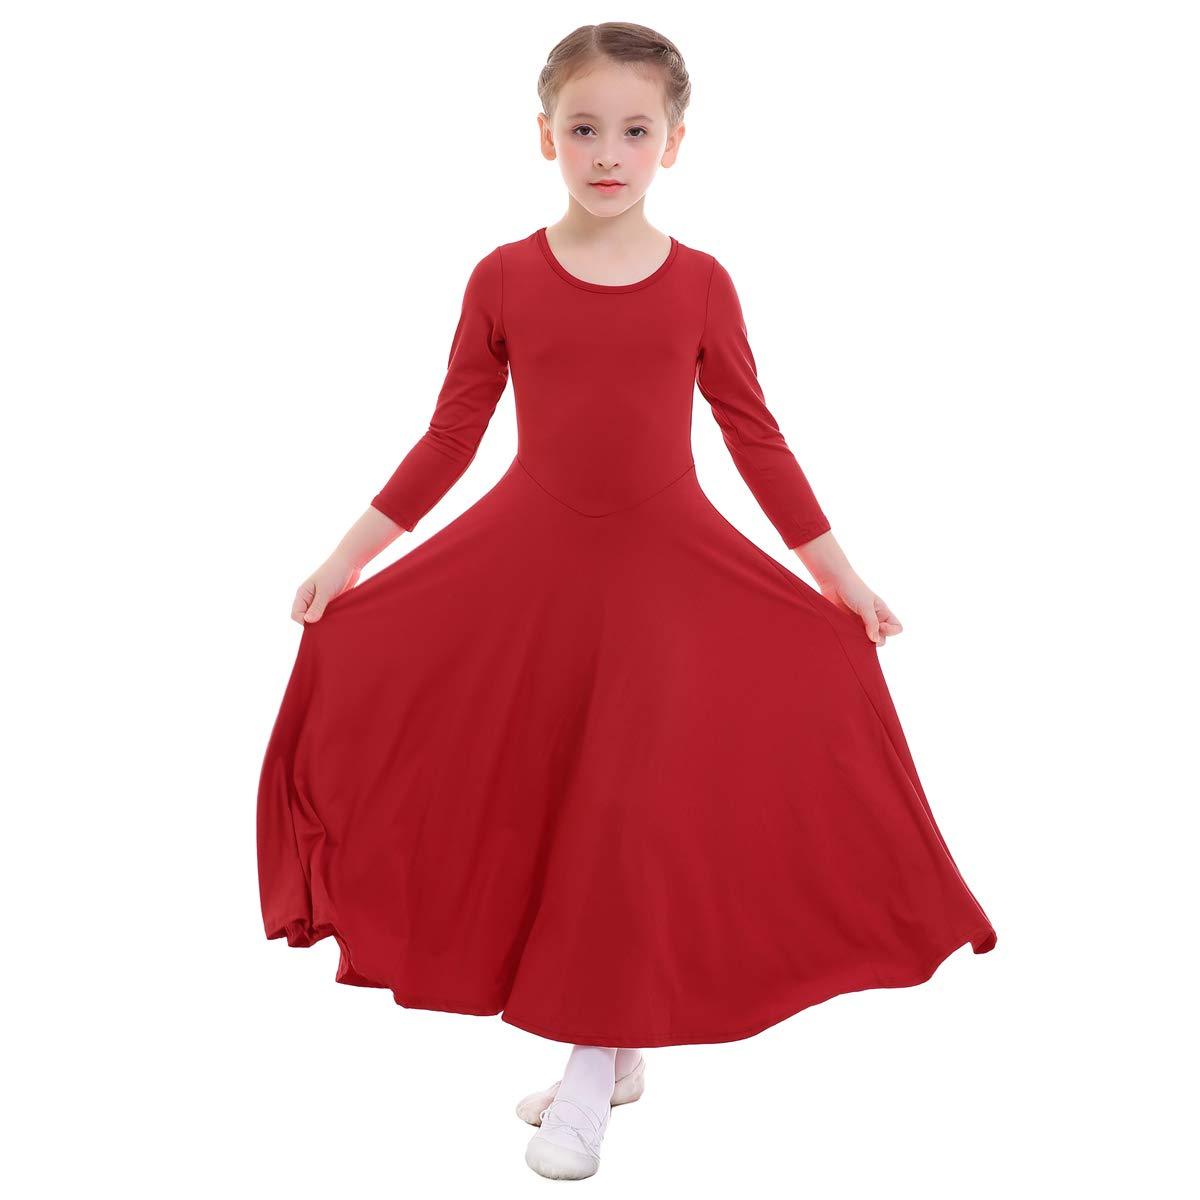 品多く OwlFay DRESS ガールズ OwlFay DRESS B07GDPTB9T レッド 11-12 11-12 Years, Smart Style:c5ab336f --- vezam.lt